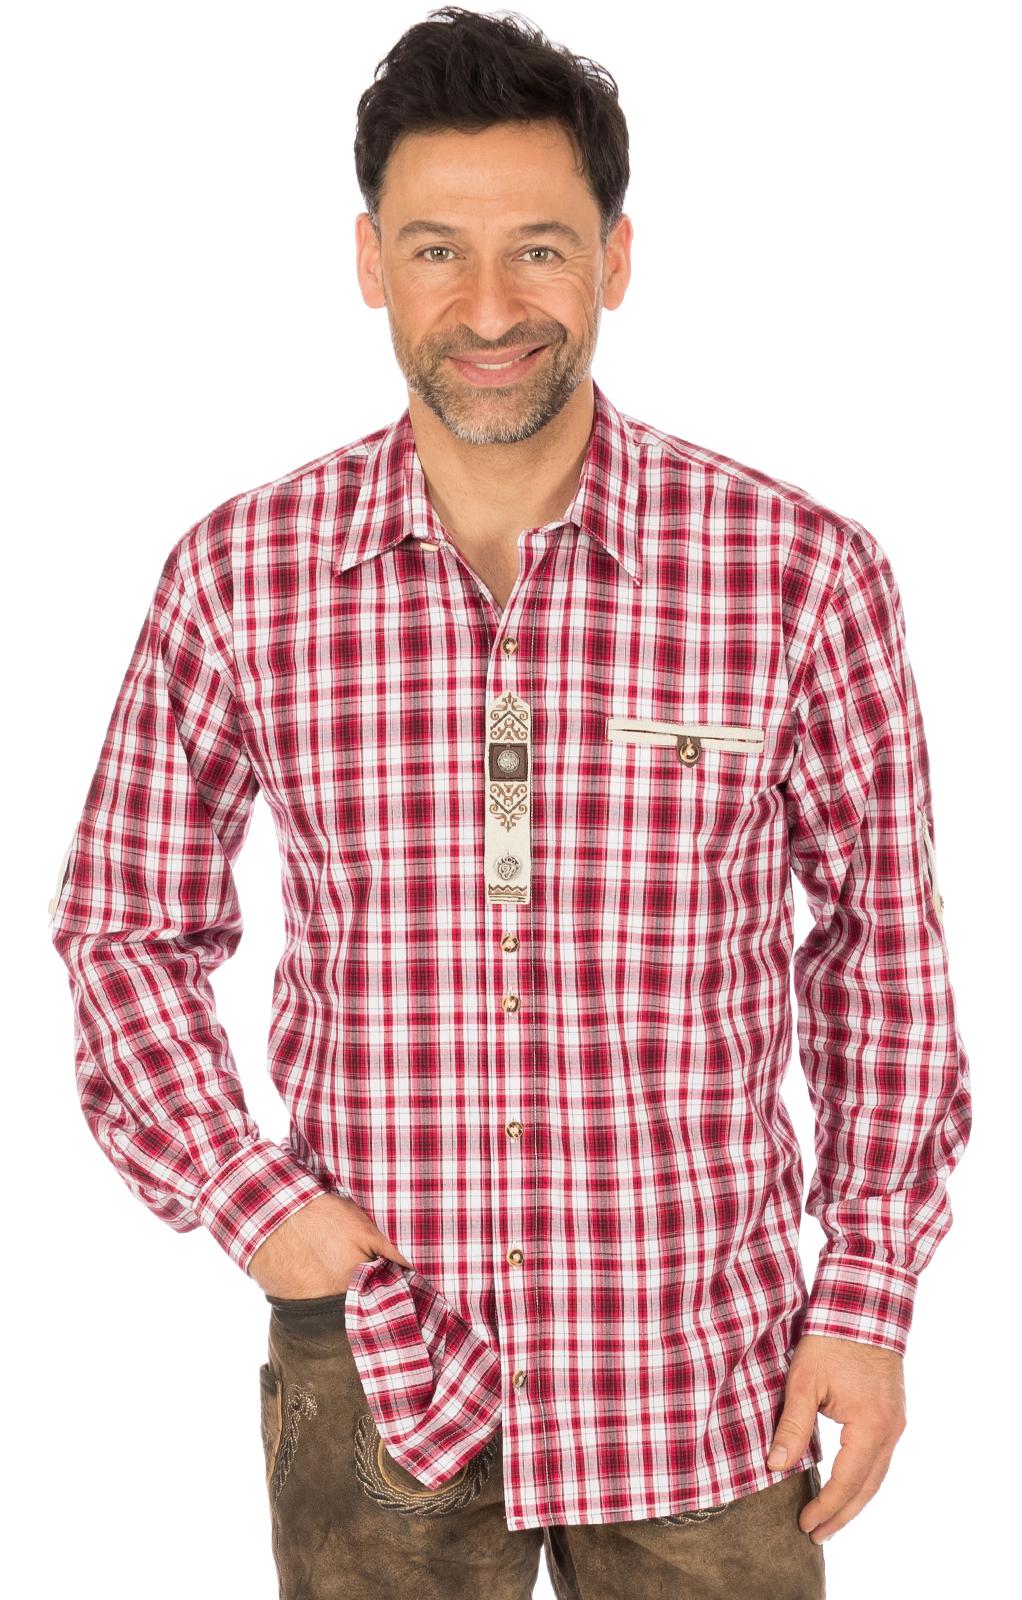 Trachtenhemd FLORIAN Webkaro rot von OS-Trachten